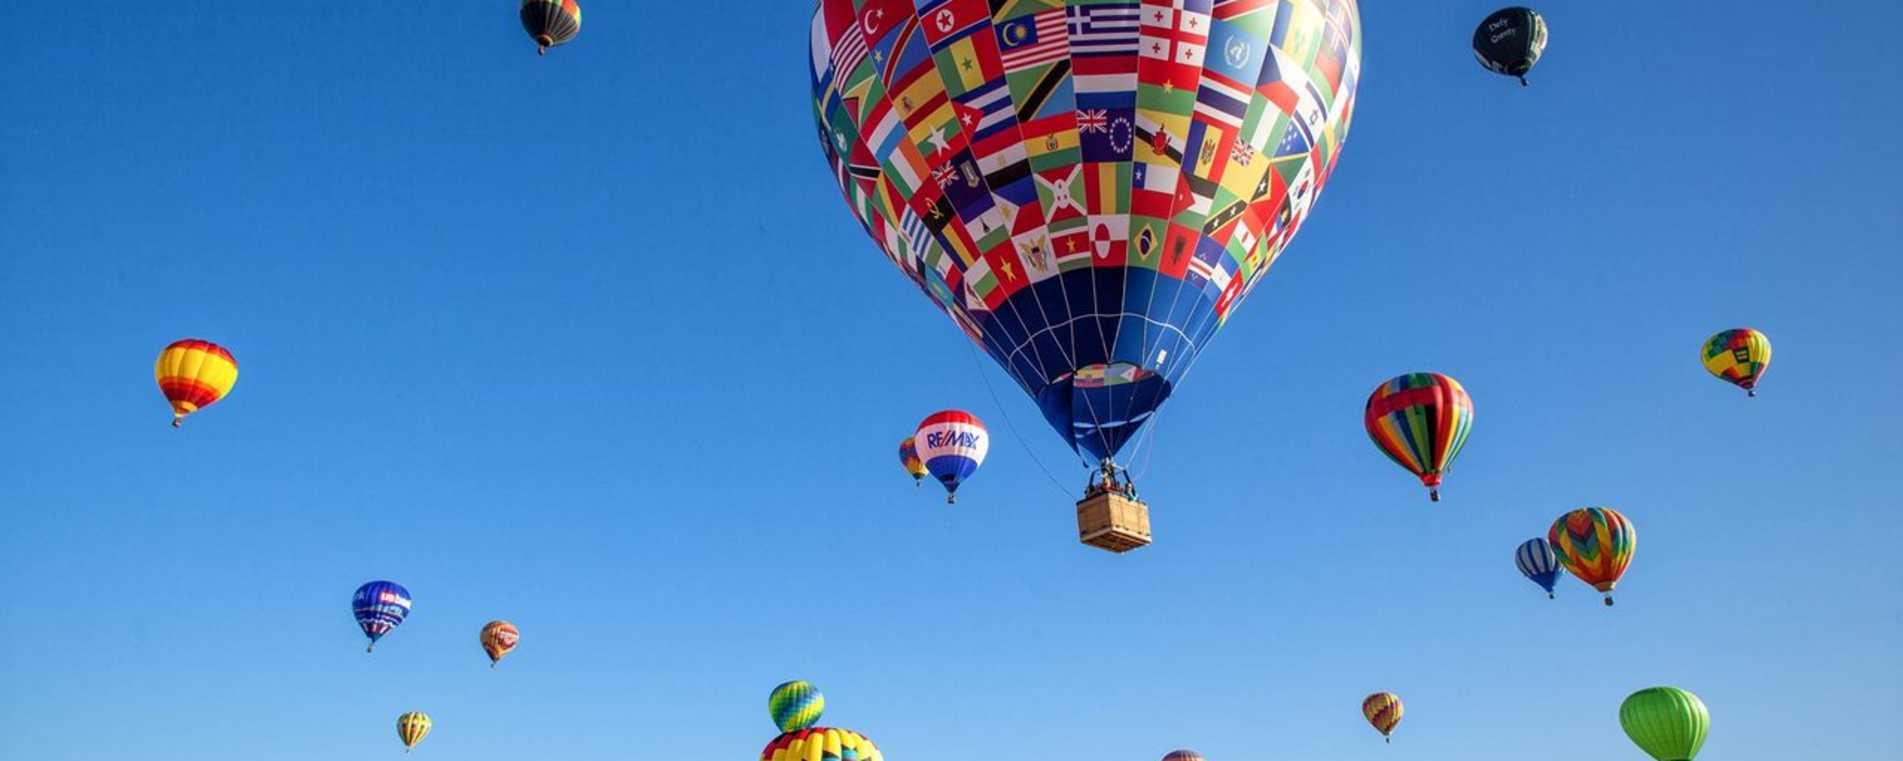 Magical Adventures Balloon Rides - Temecula